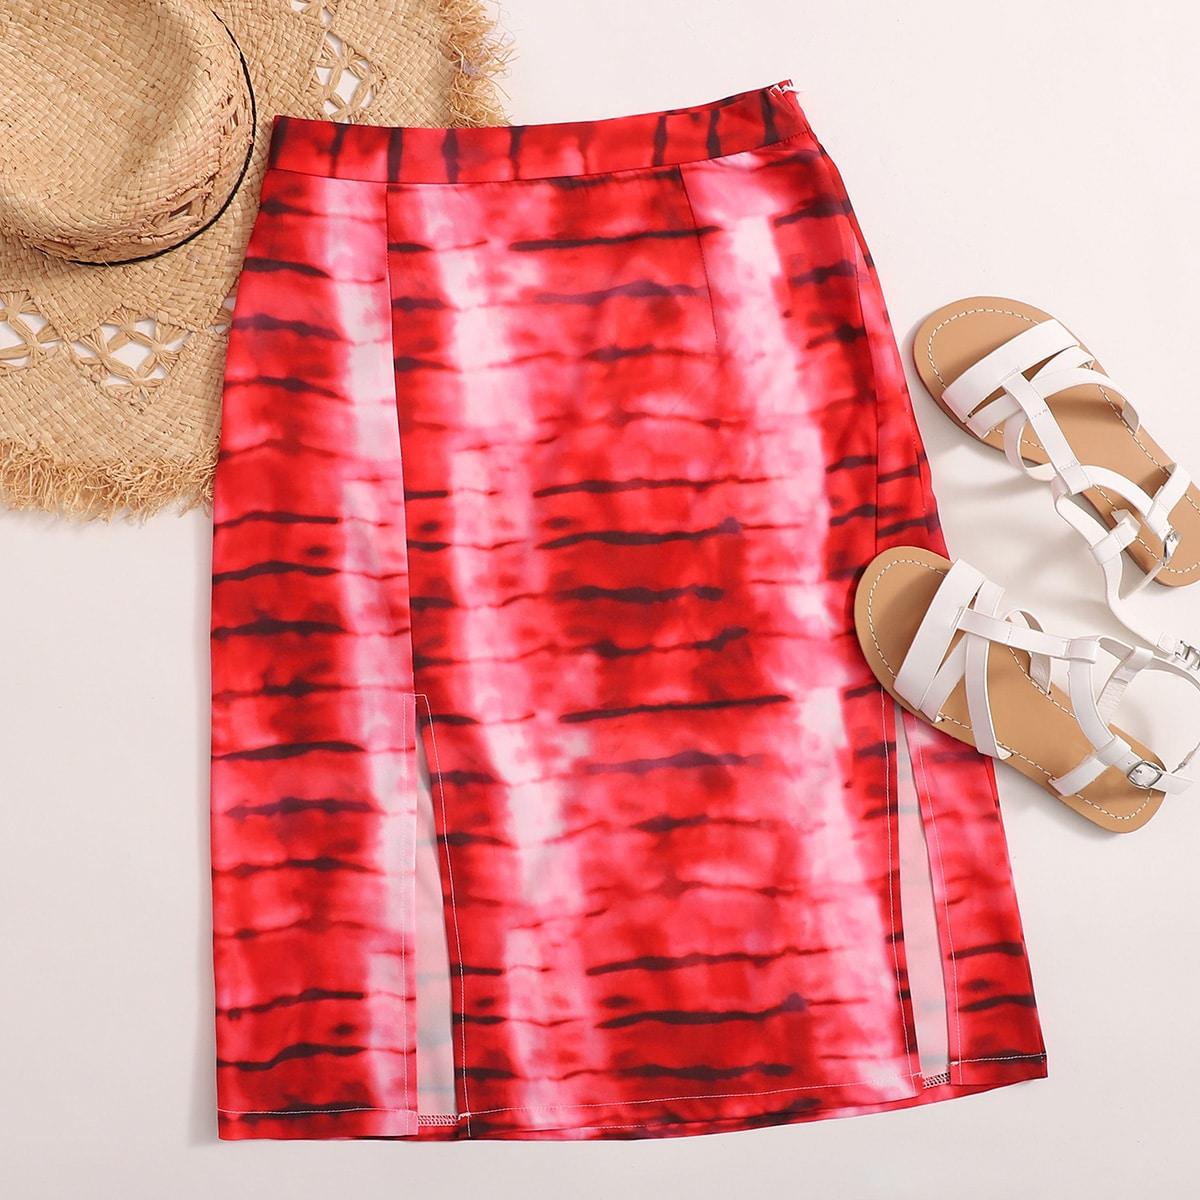 Разноцветная юбка с разрезом фото